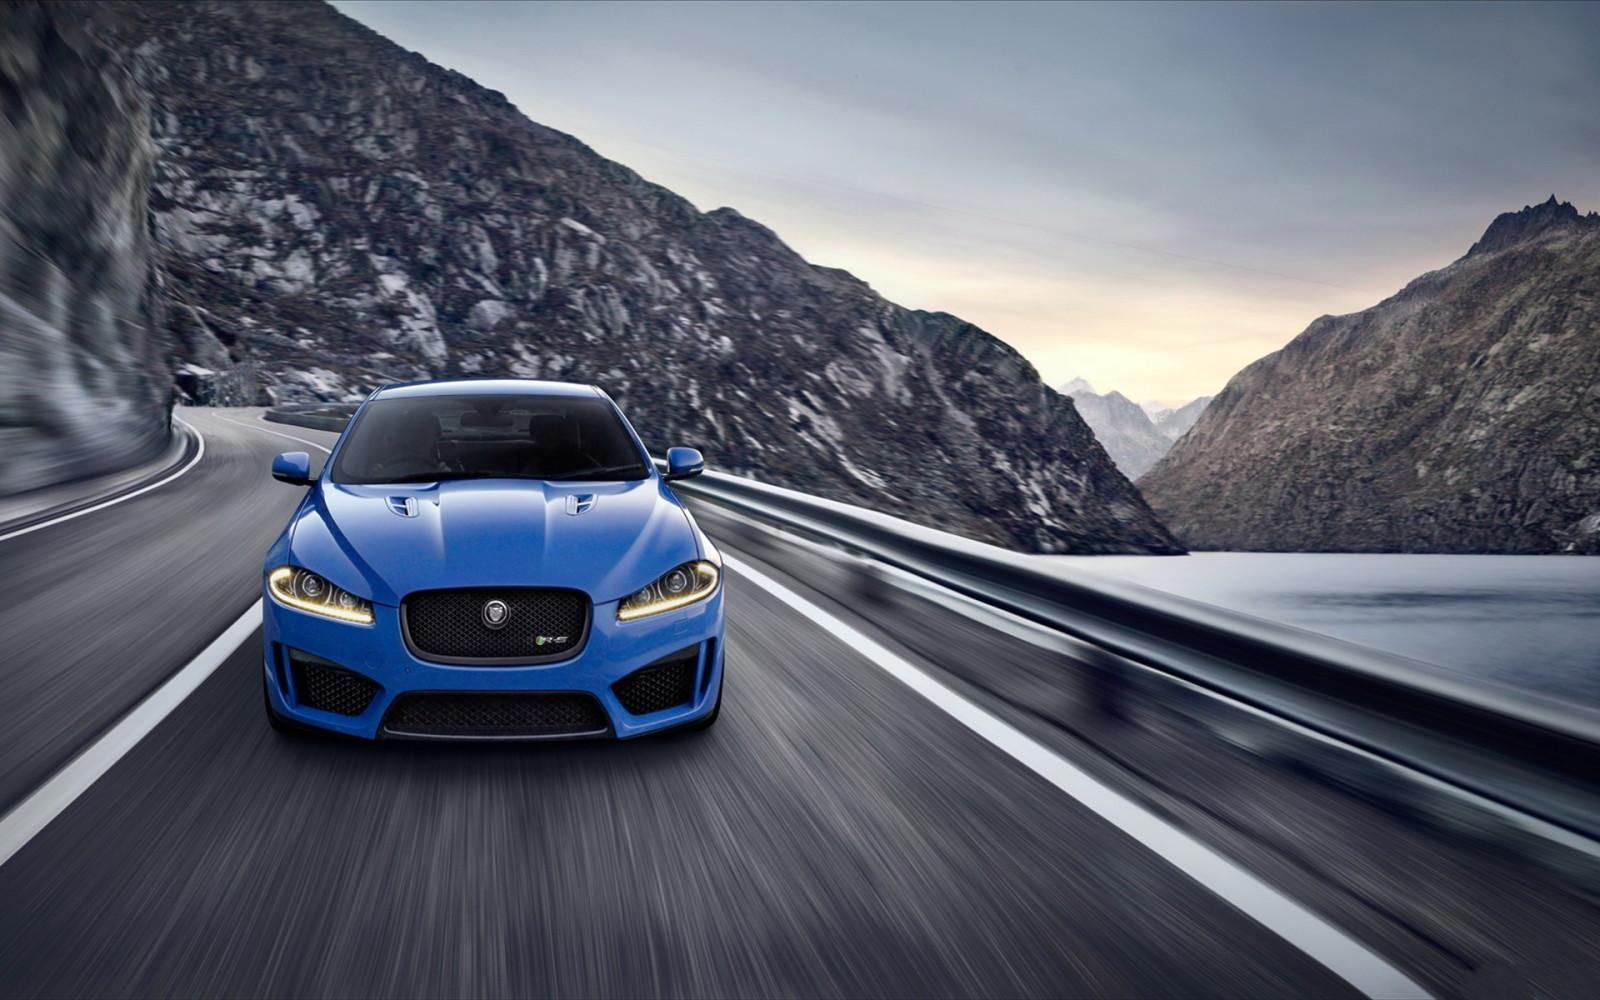 Jaguar XFR-S 2014 捷豹XFR-S